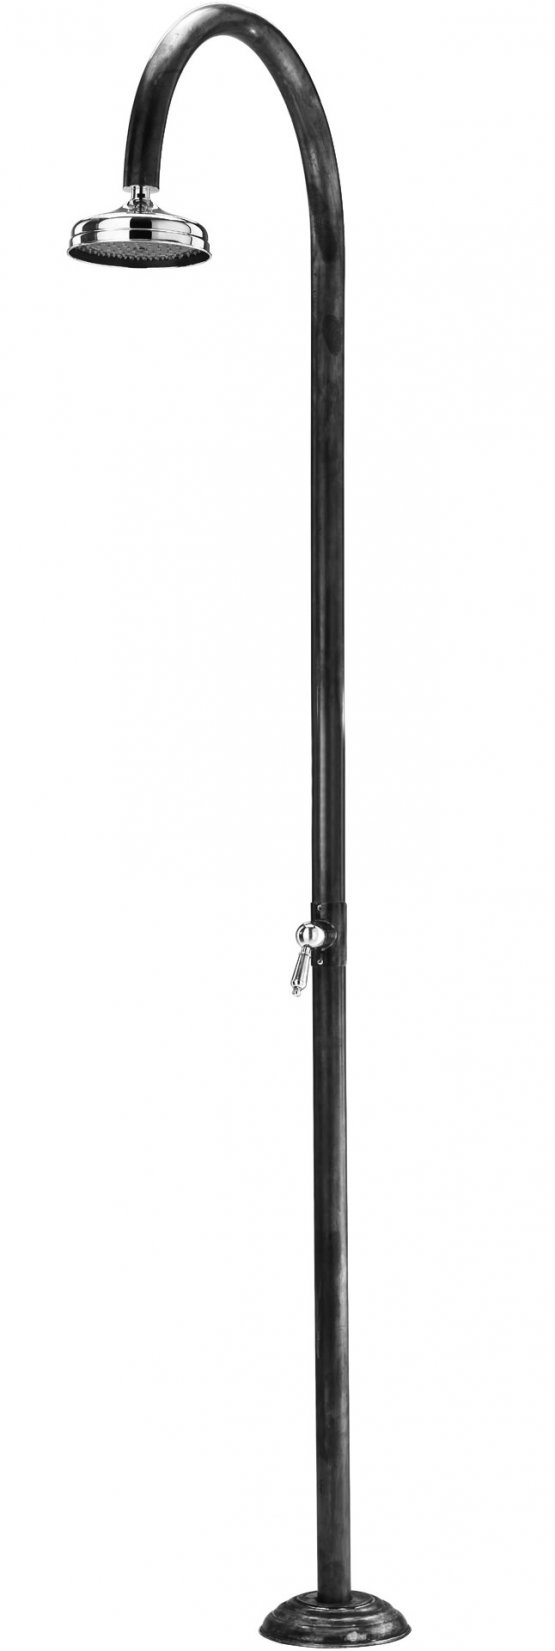 Gartendusche - Fontealta Origo C50 R - Klicken Sie auf das Bild um die Galerie zu öffnen